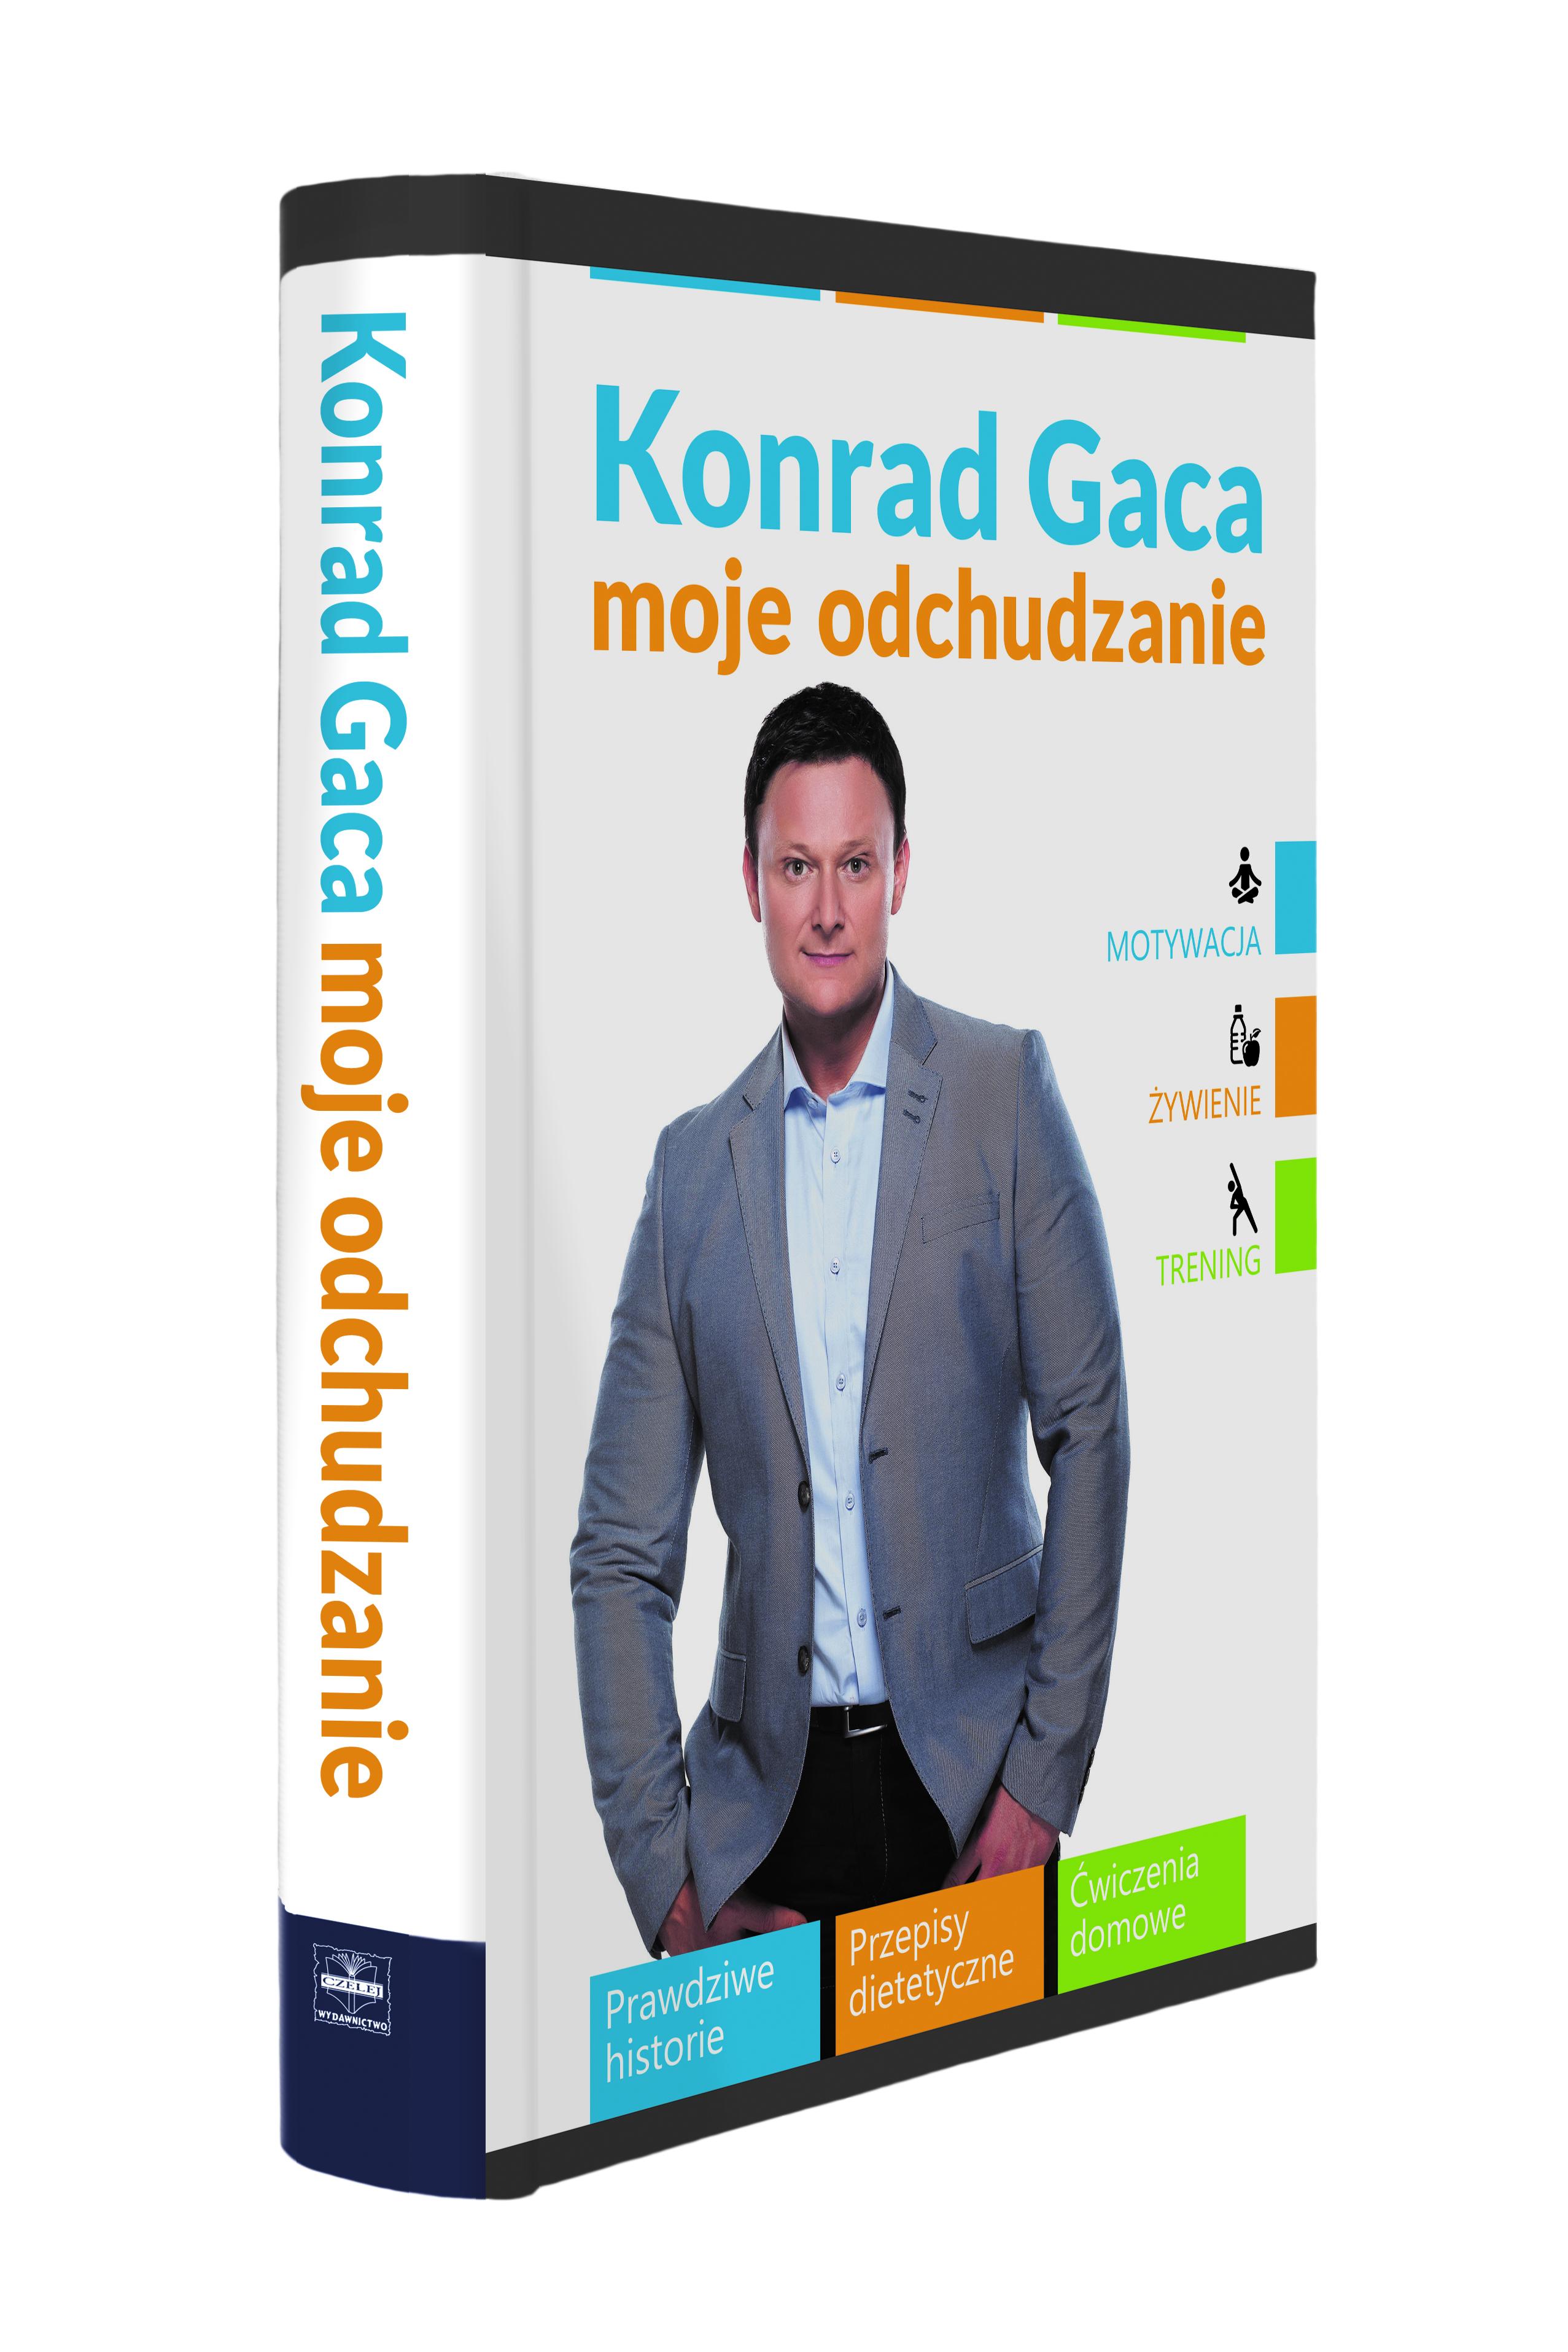 Konrad Gaca